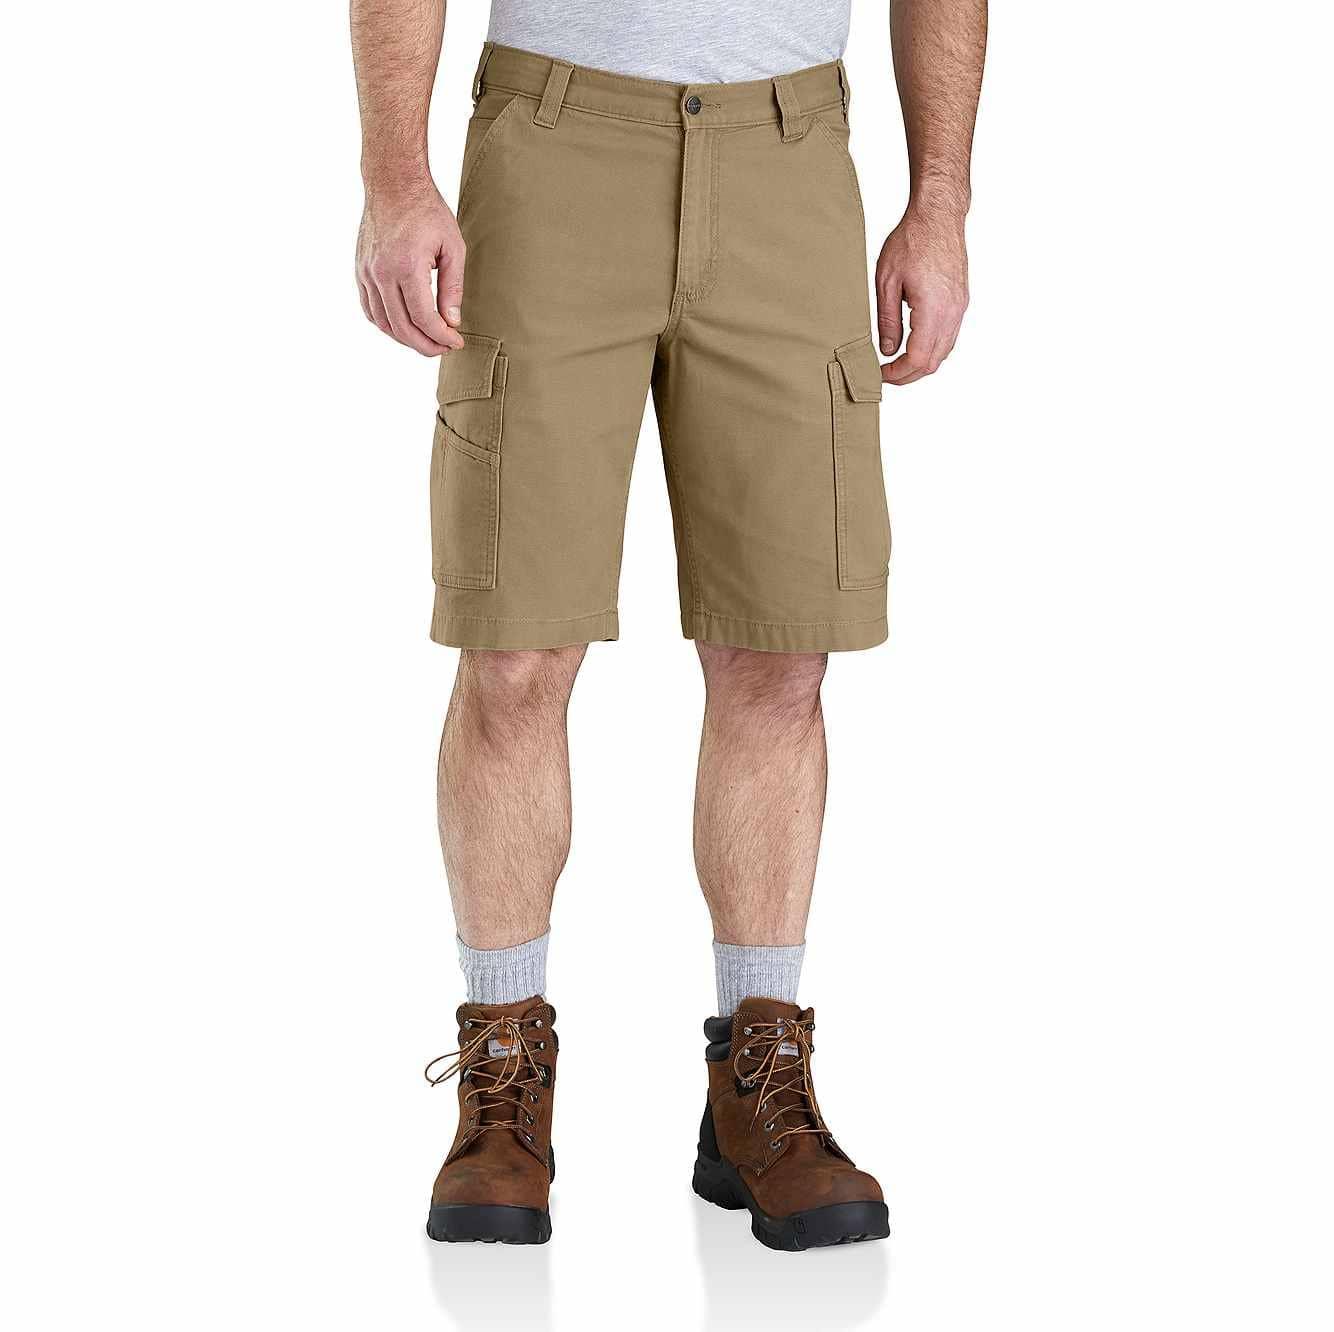 Picture of Rugged Flex® Rigby Cargo Short in Dark Khaki